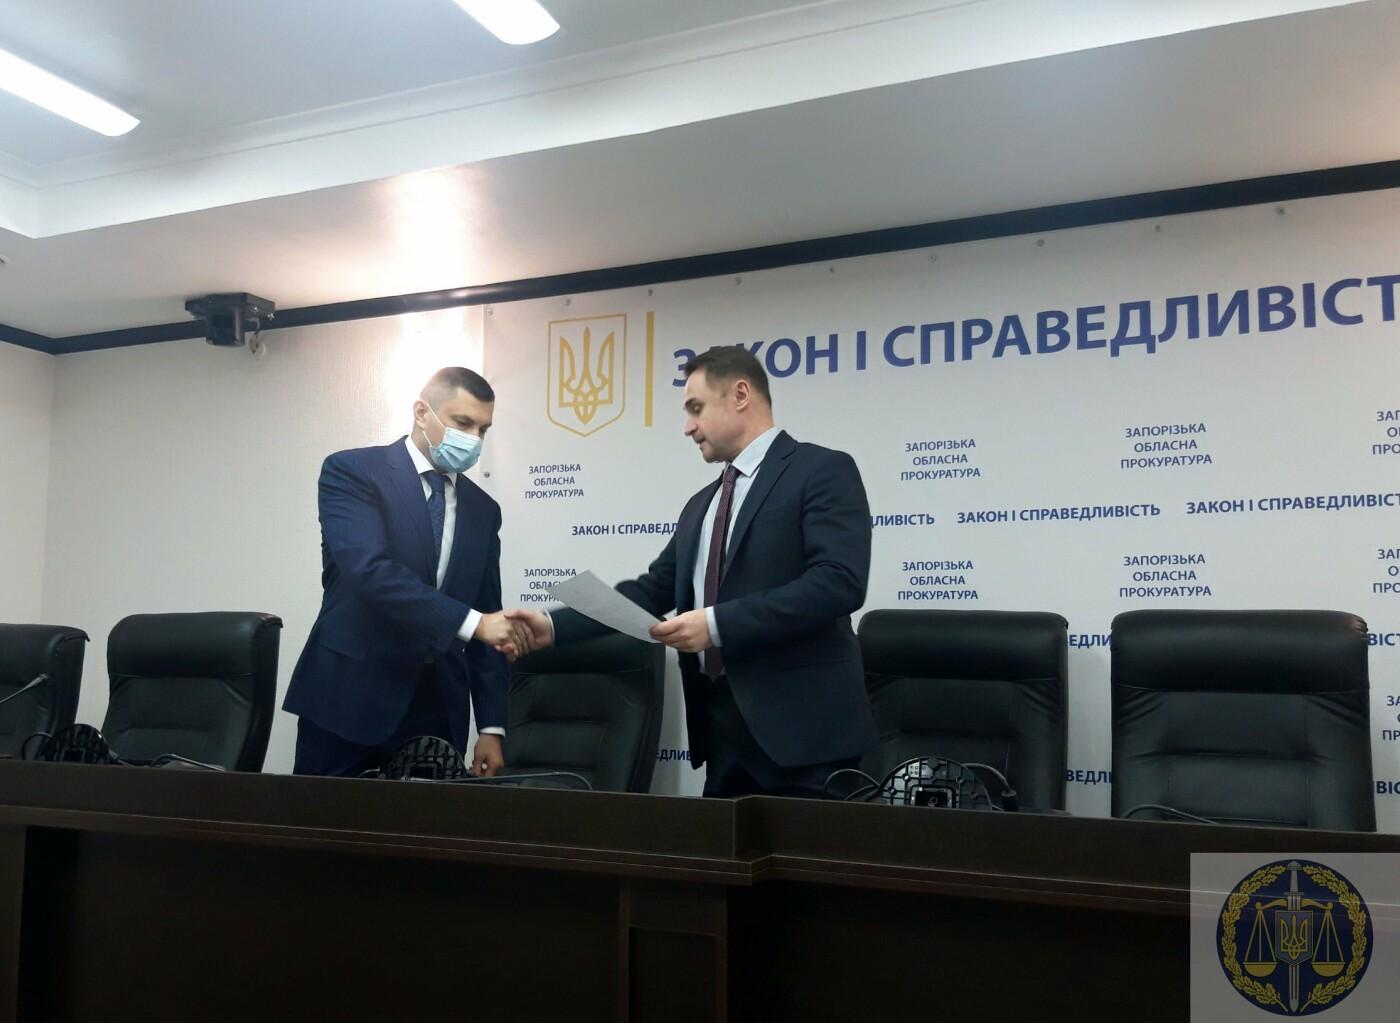 Руководитель Запорожской областной прокуратуры представил коллективу своего заместителя , фото-2